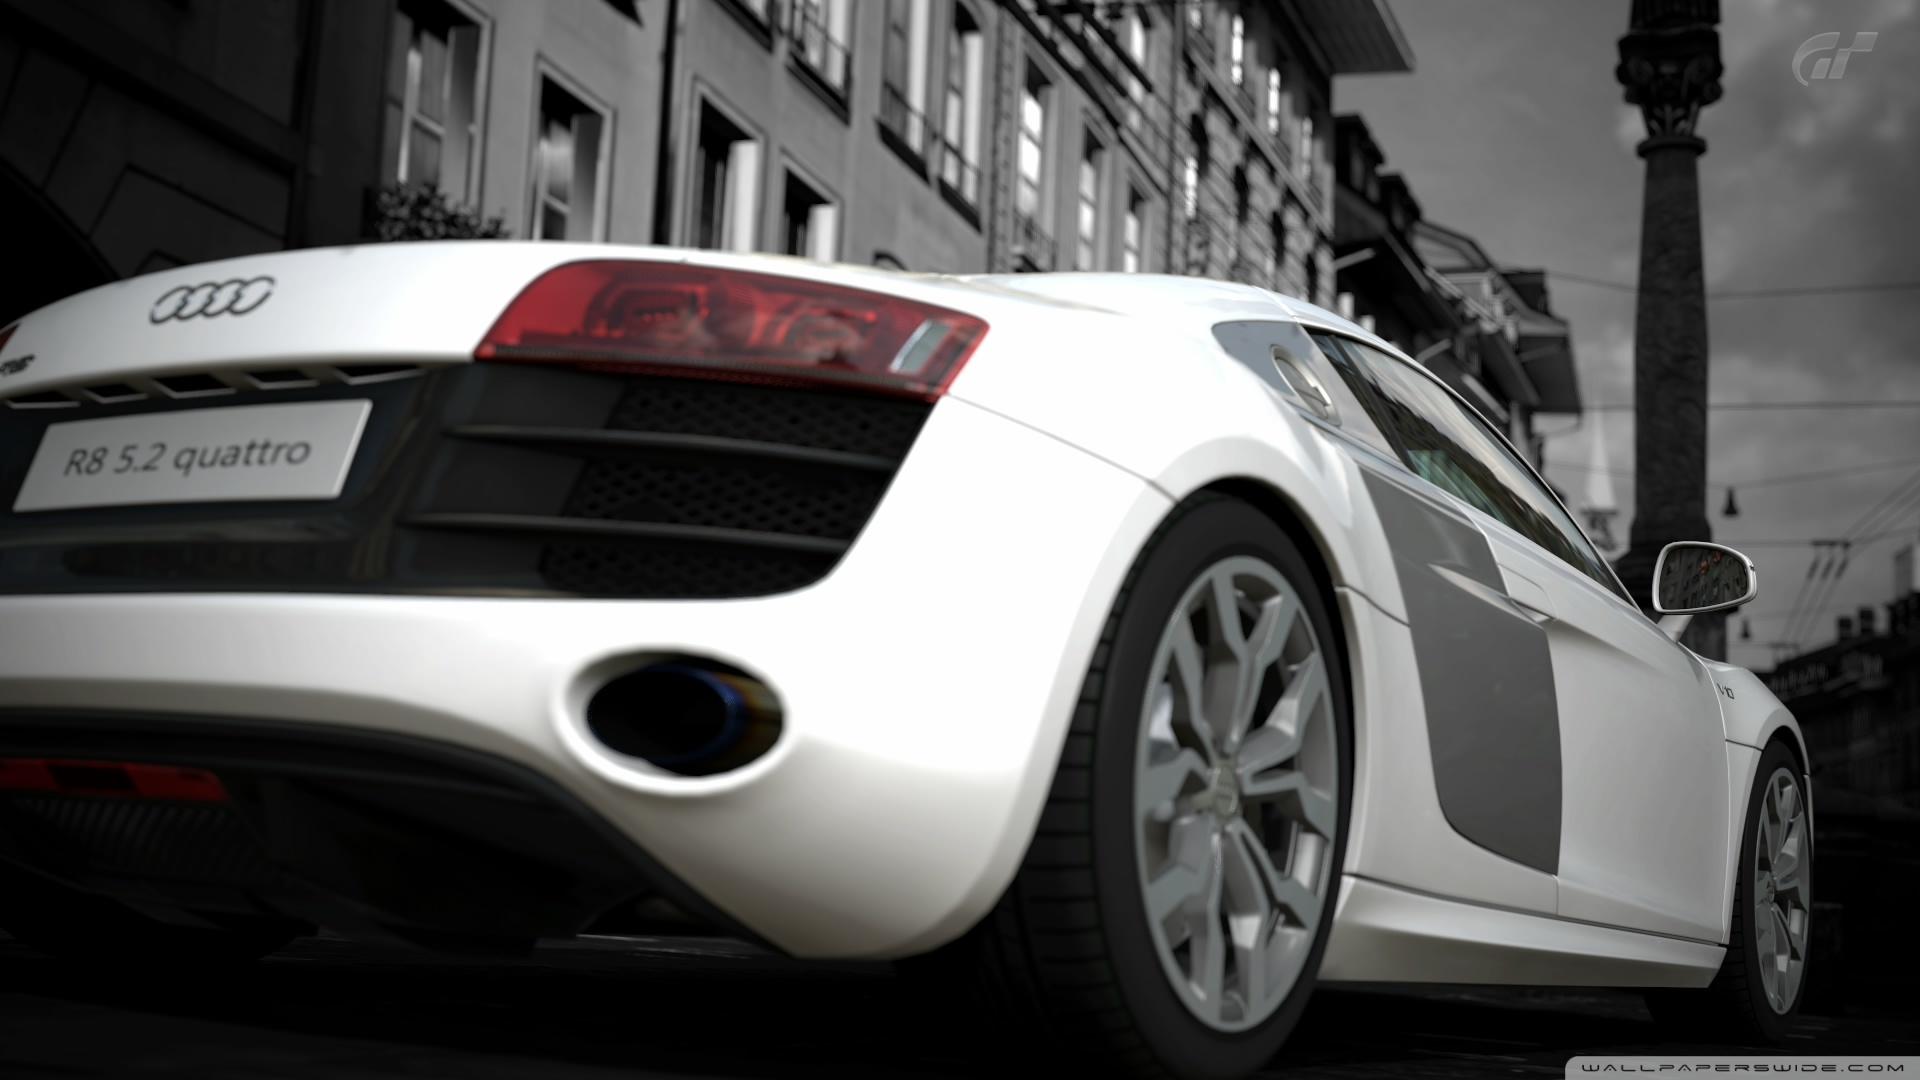 Audi R8 4 Wallpaper 1920x1080 Audi R8 4 1920x1080